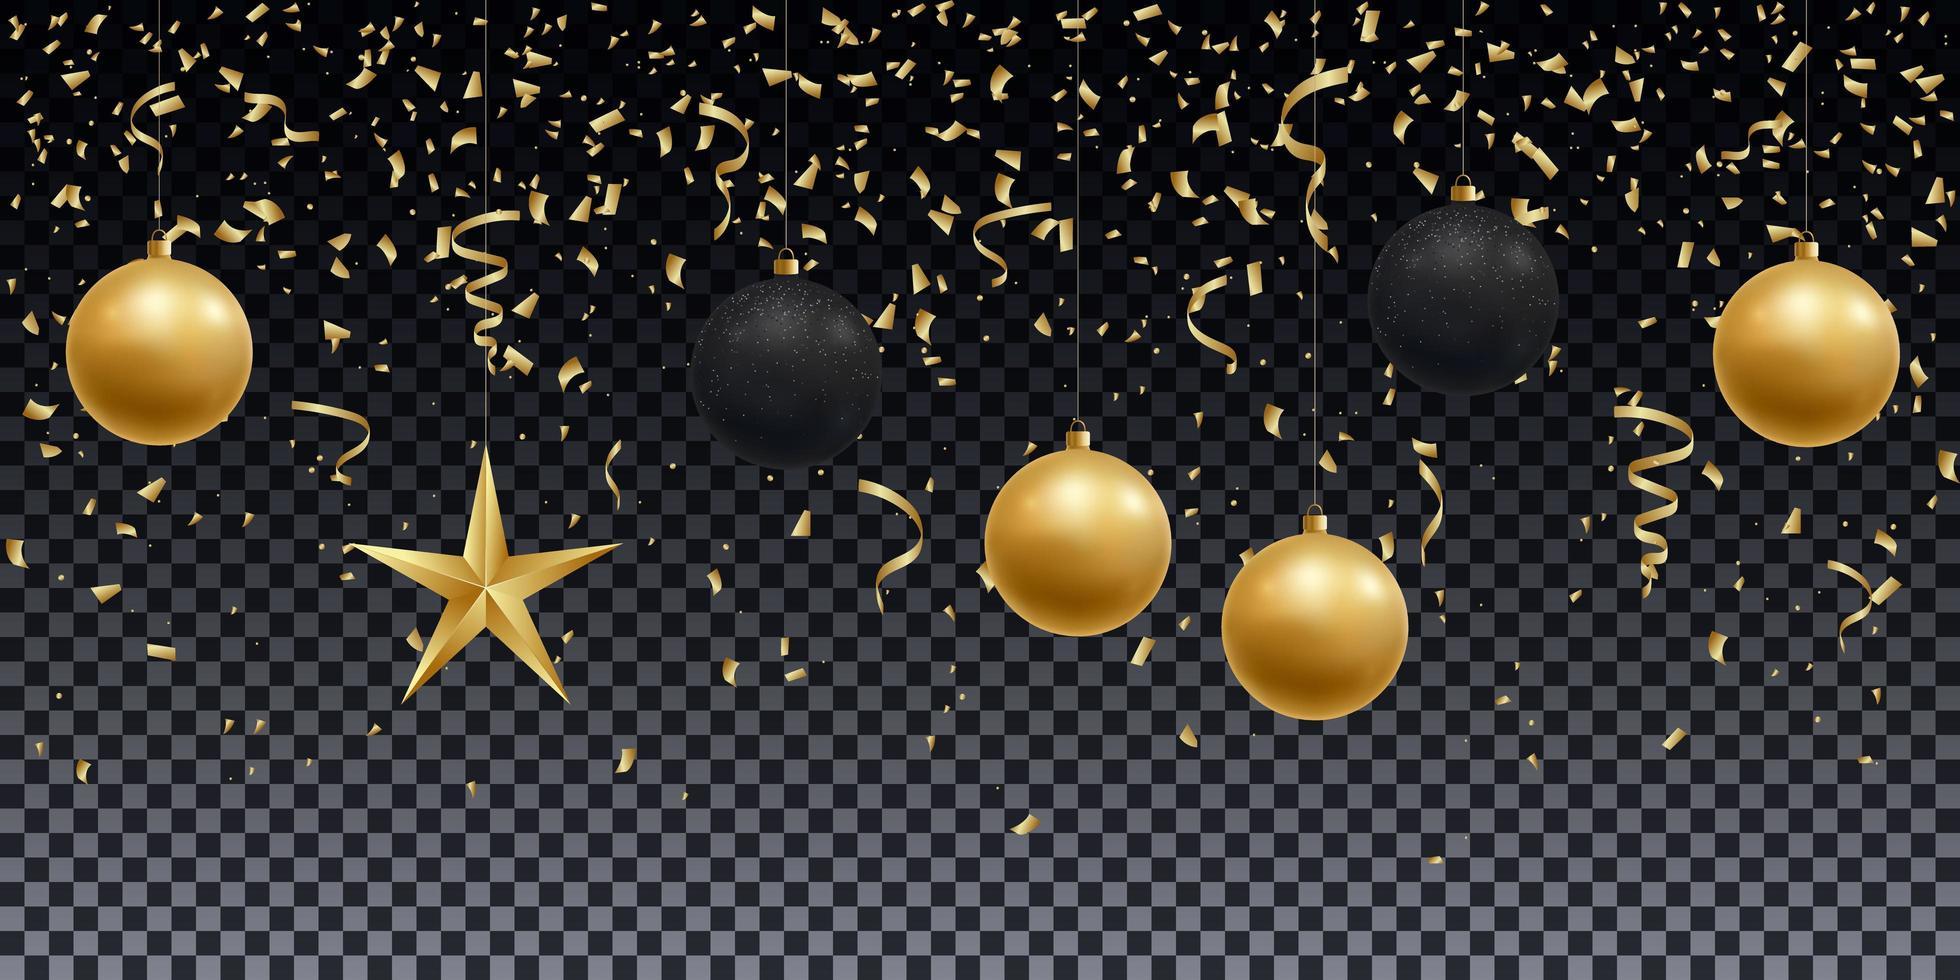 boules, étoiles et confettis réalistes en or brillant et noir vecteur